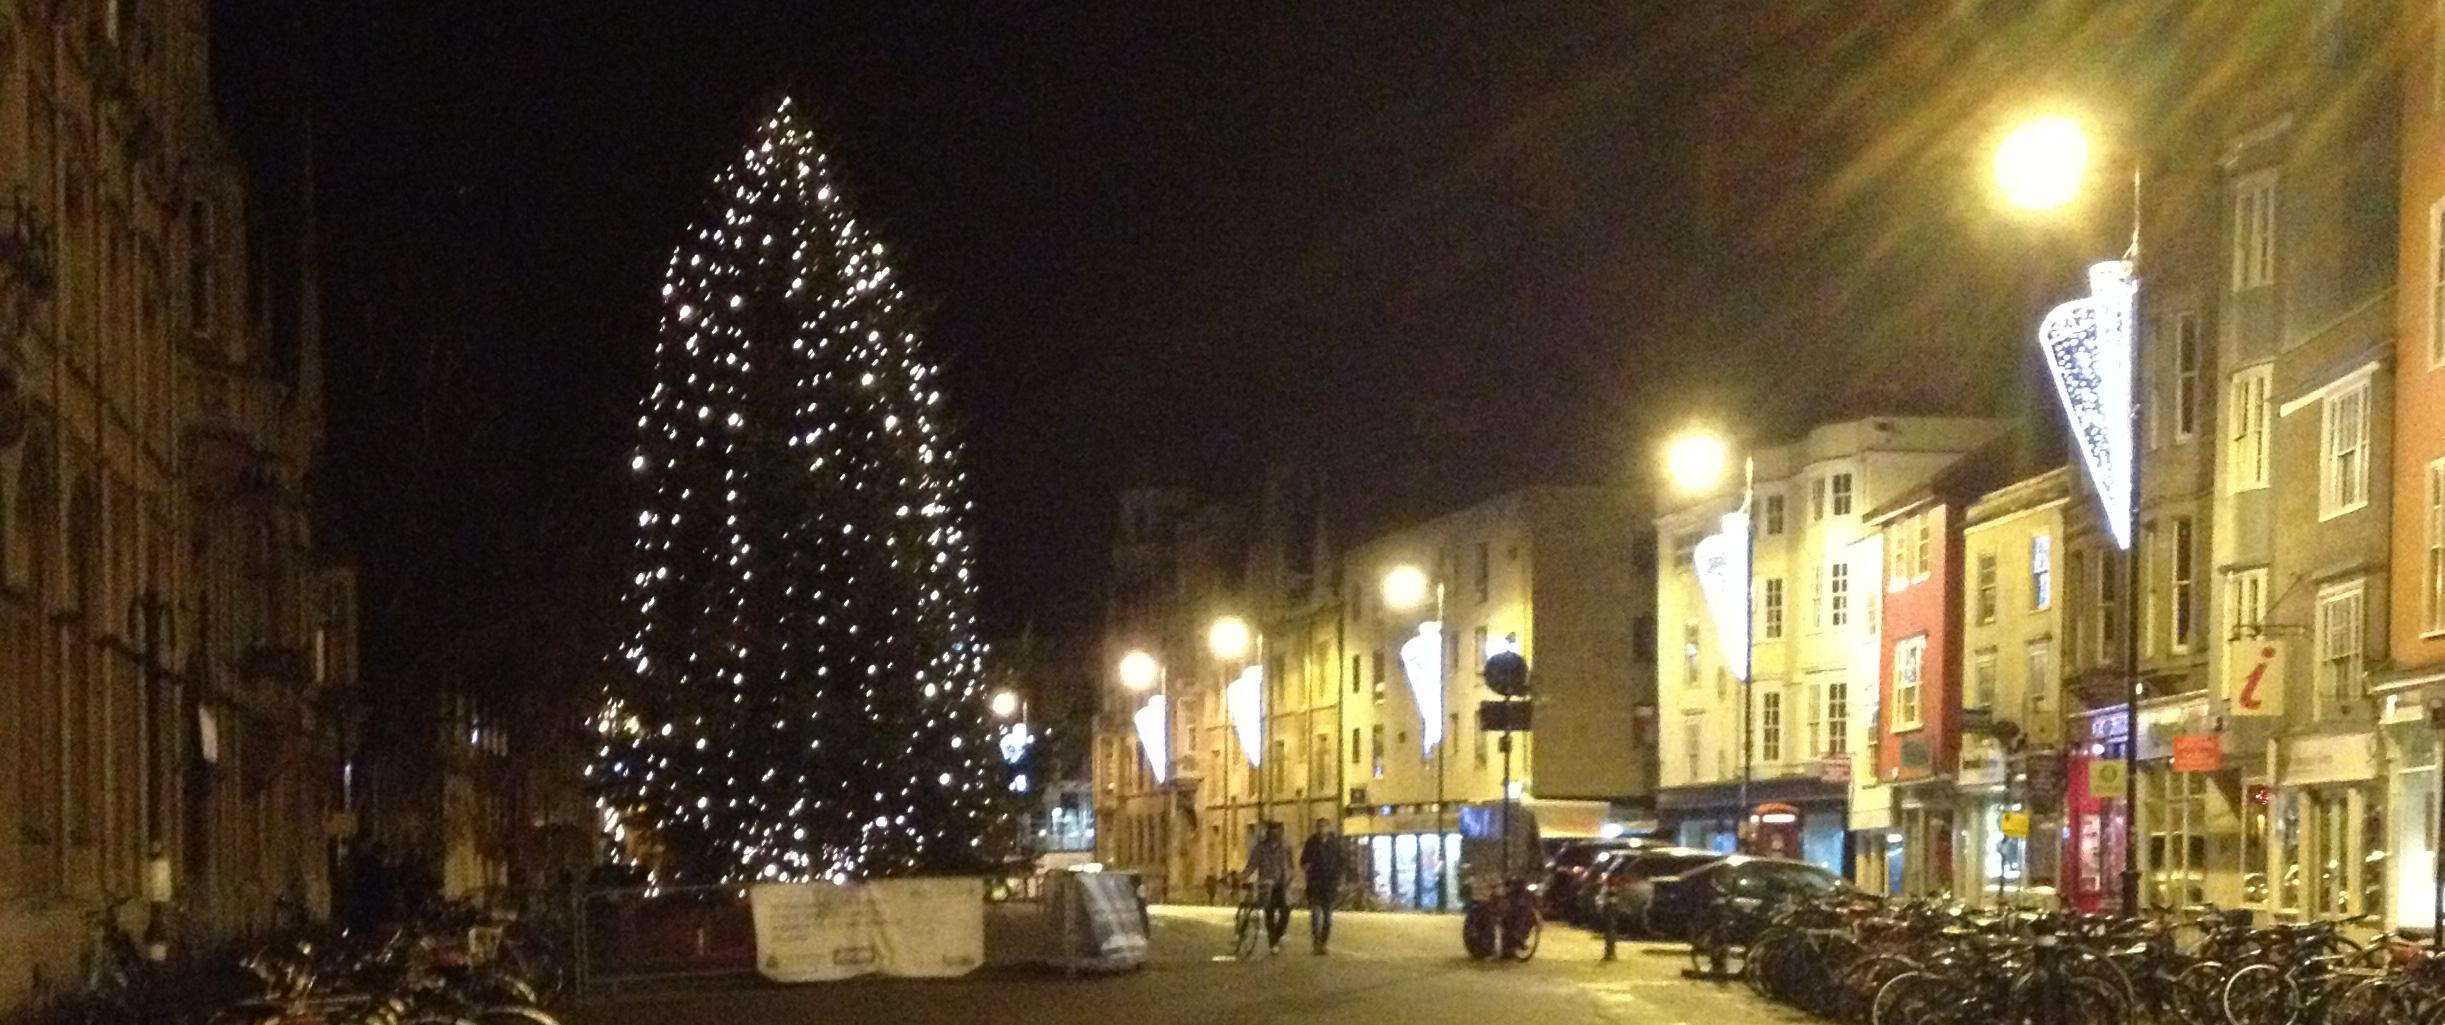 Christmas Oxford